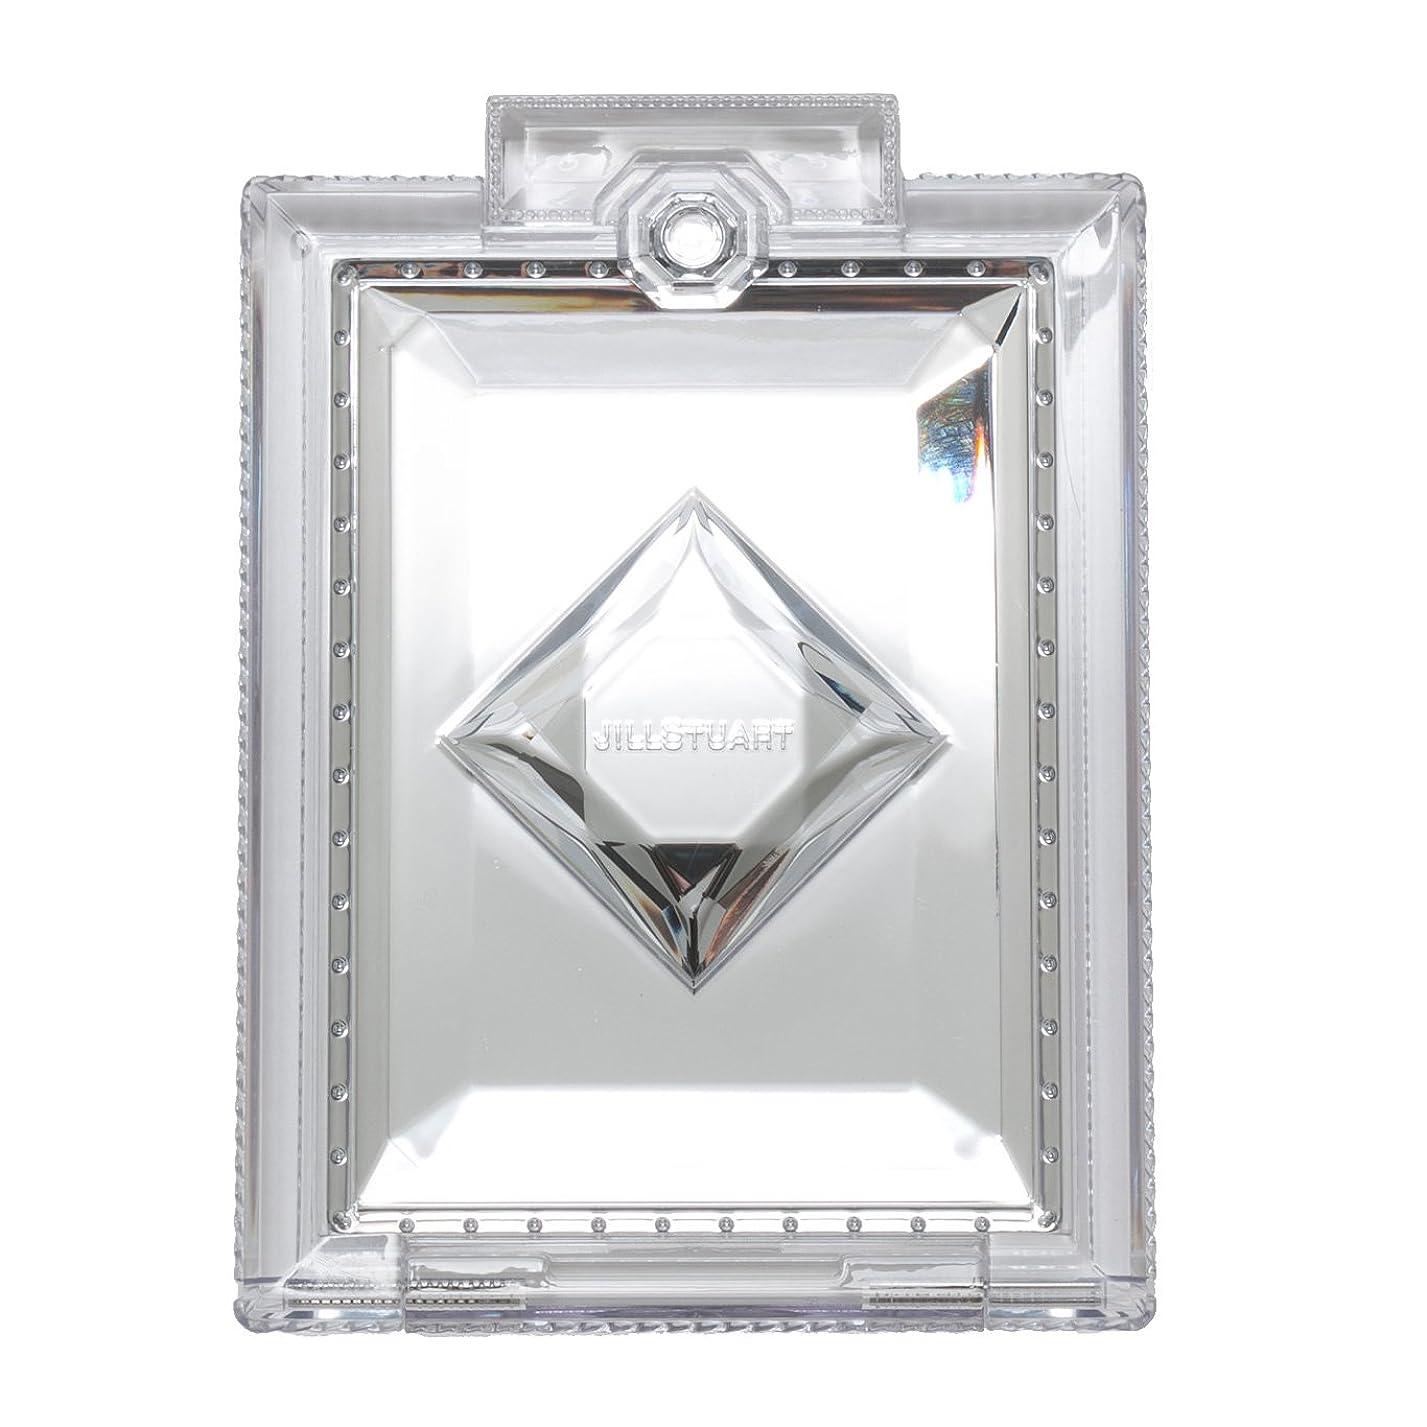 ストローク机電話をかける【名入れ対応可】ジルスチュアート JILL STUART ミラー 鏡 手鏡 Compact Mirror 3 ジルスチュアート スクエア 四角 コンパクトミラー 3 ii 26869